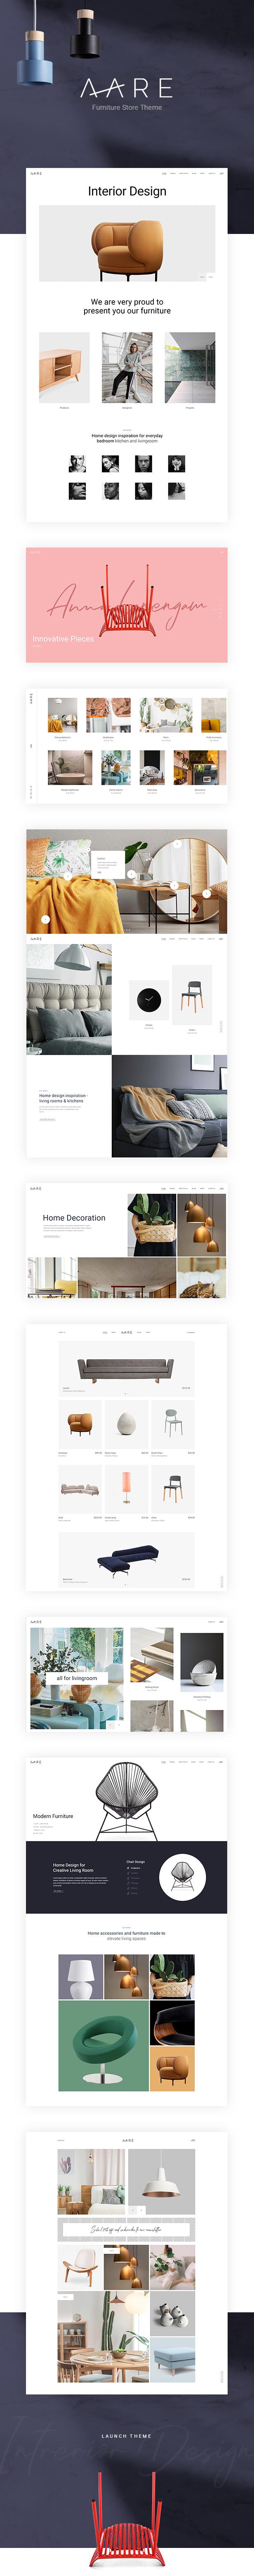 Aare - Möbelhaus WordPress Theme - 1